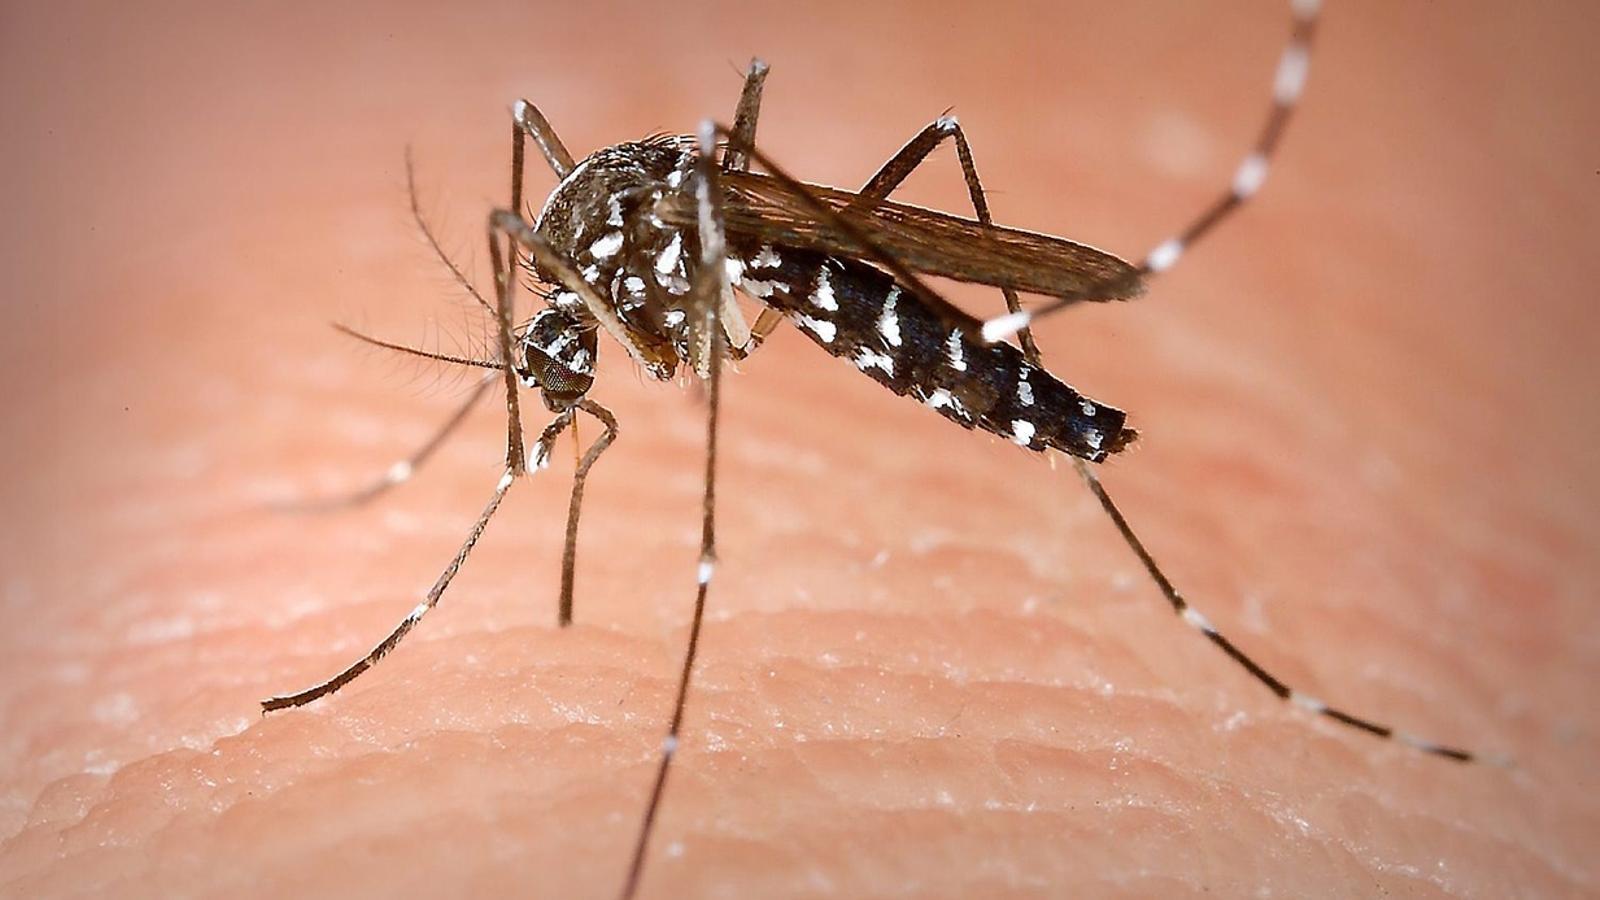 El moscard, que té una picada molt més agressiva i molesta que la dels comuns, prolifera en zones on abans no hi era present.